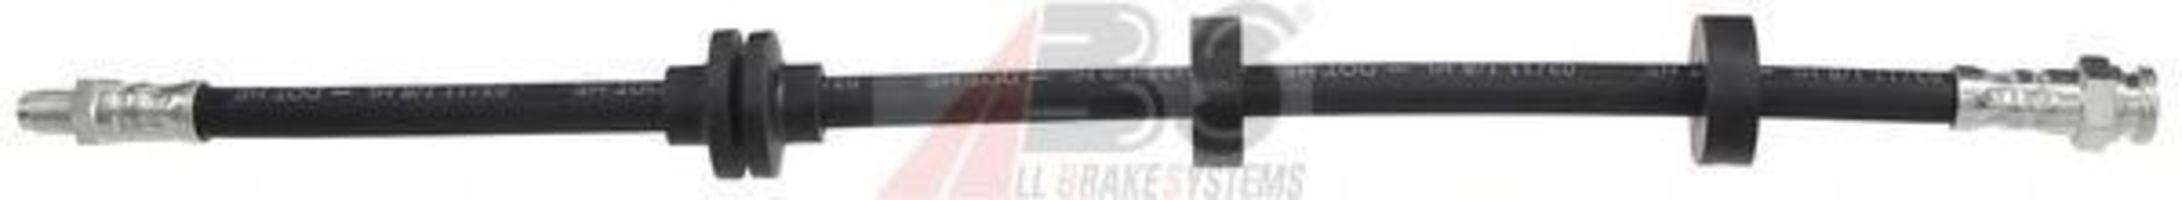 Шланг тормозной A.B.S. SL 5582